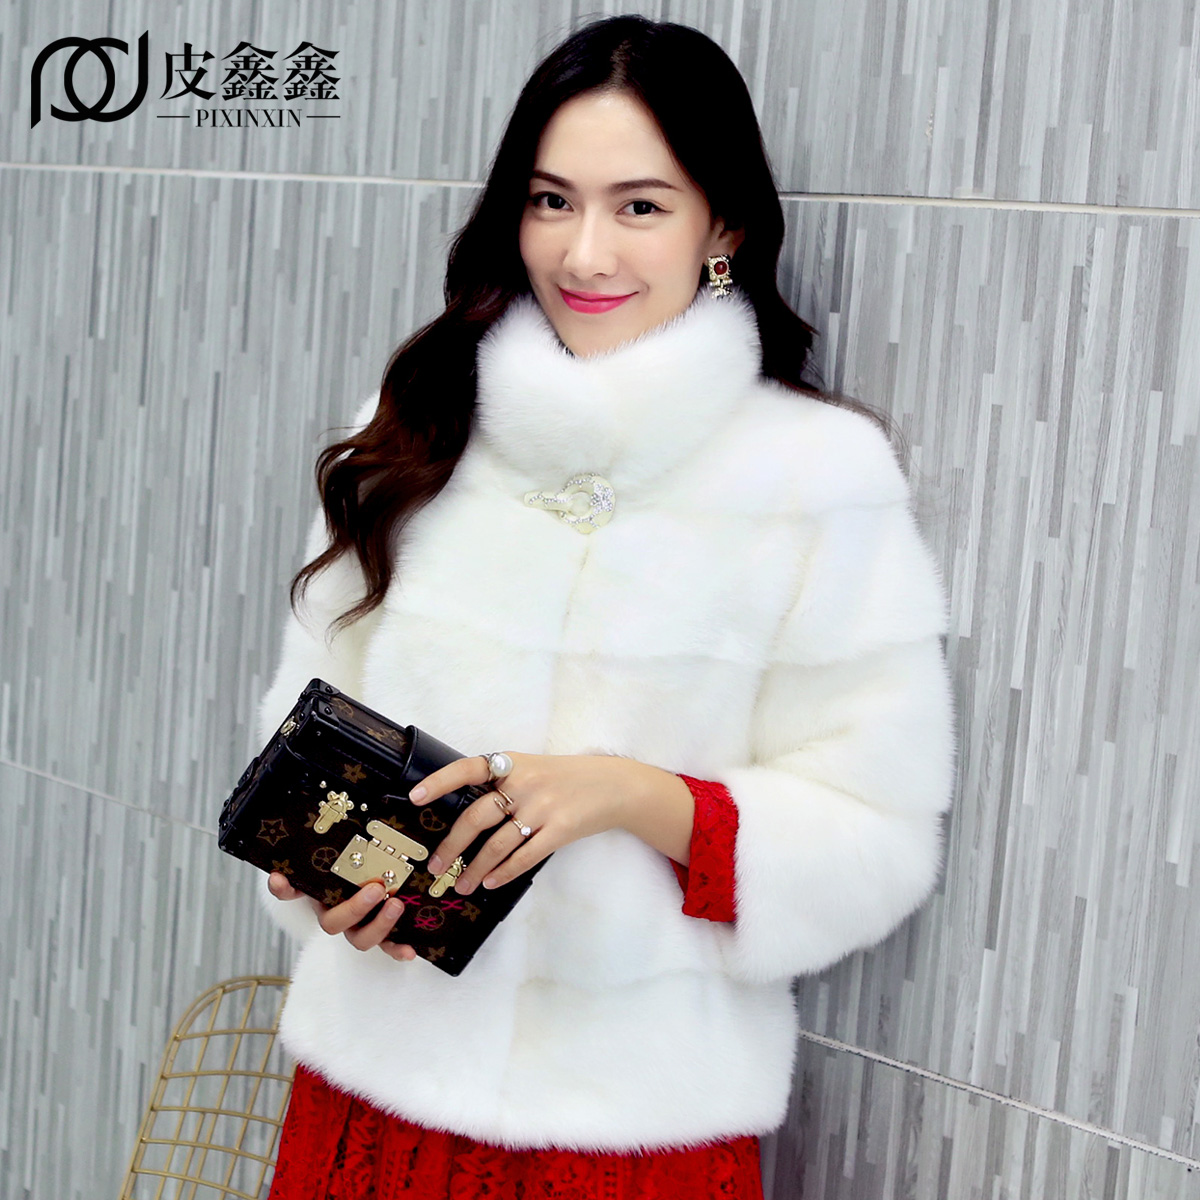 Dámská celokožená kůže z pravého norského kožichu s krátkým designem bunda dámská zimní kožešinová svrchní oděv devět čtvrtin rukávy